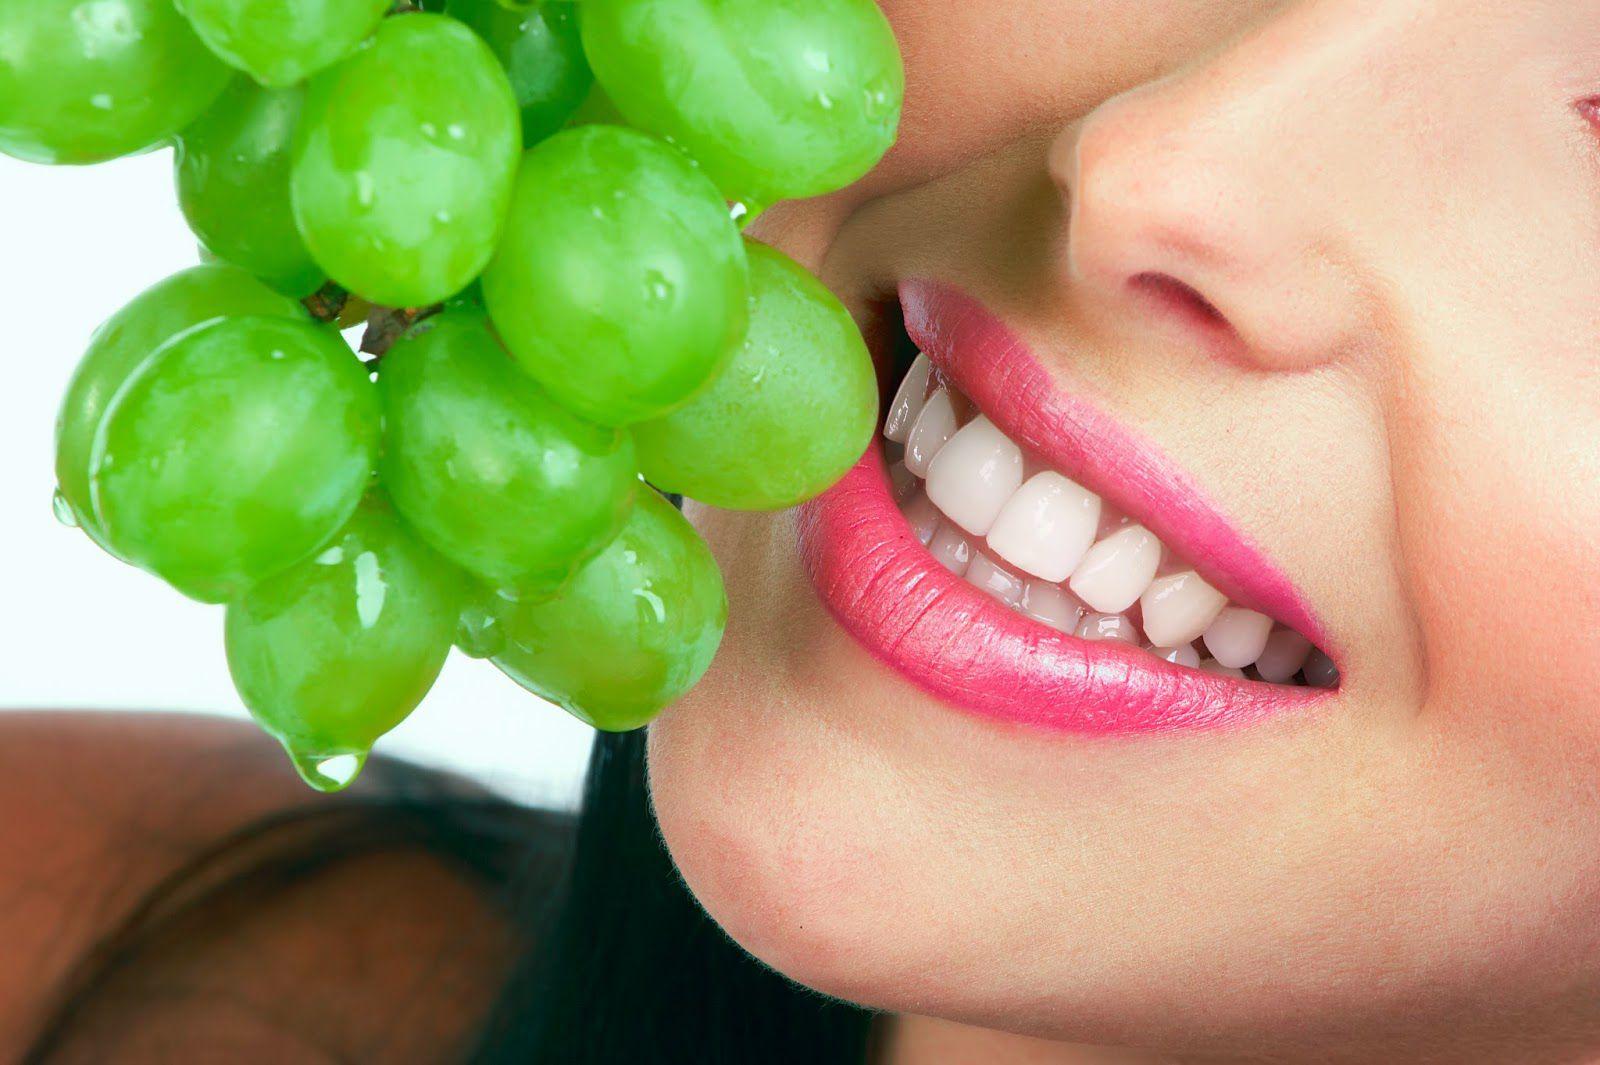 Răng sứ Ziconia Venus có đắt không